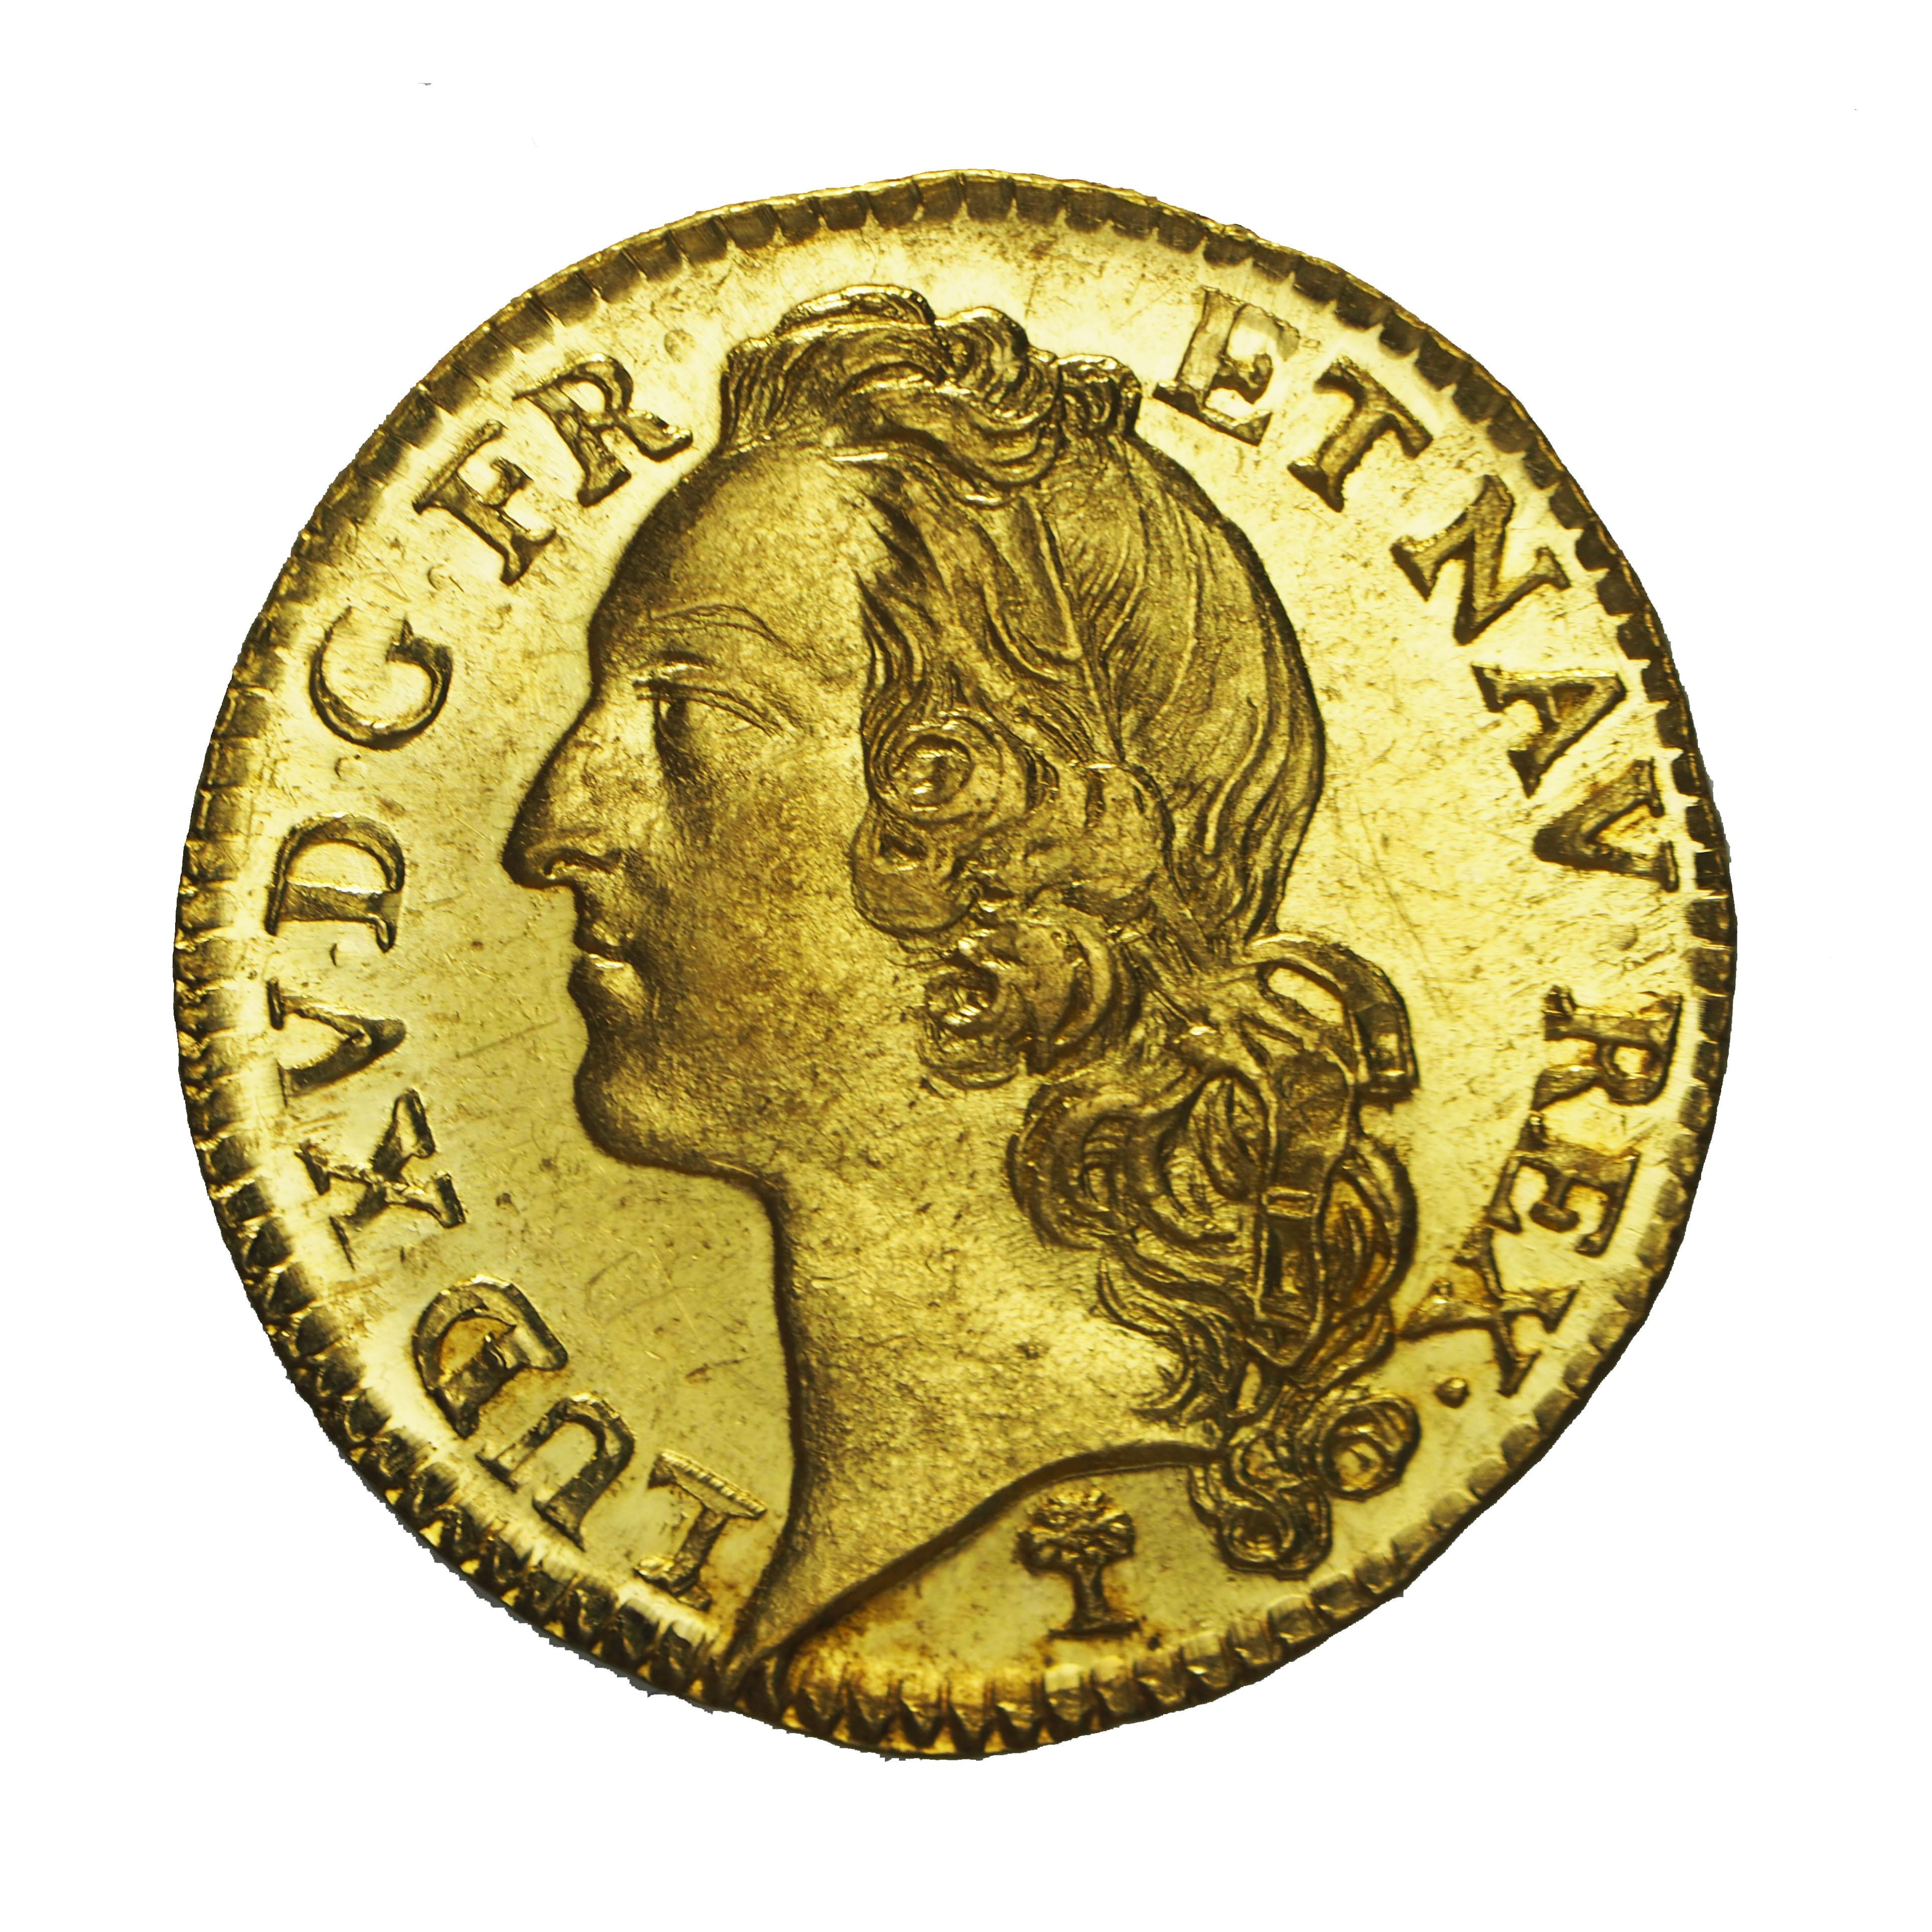 Louis XV, Louis d'or 1742 V Troyes SPLENDIDE et seul ex. connu. PCGS MS63